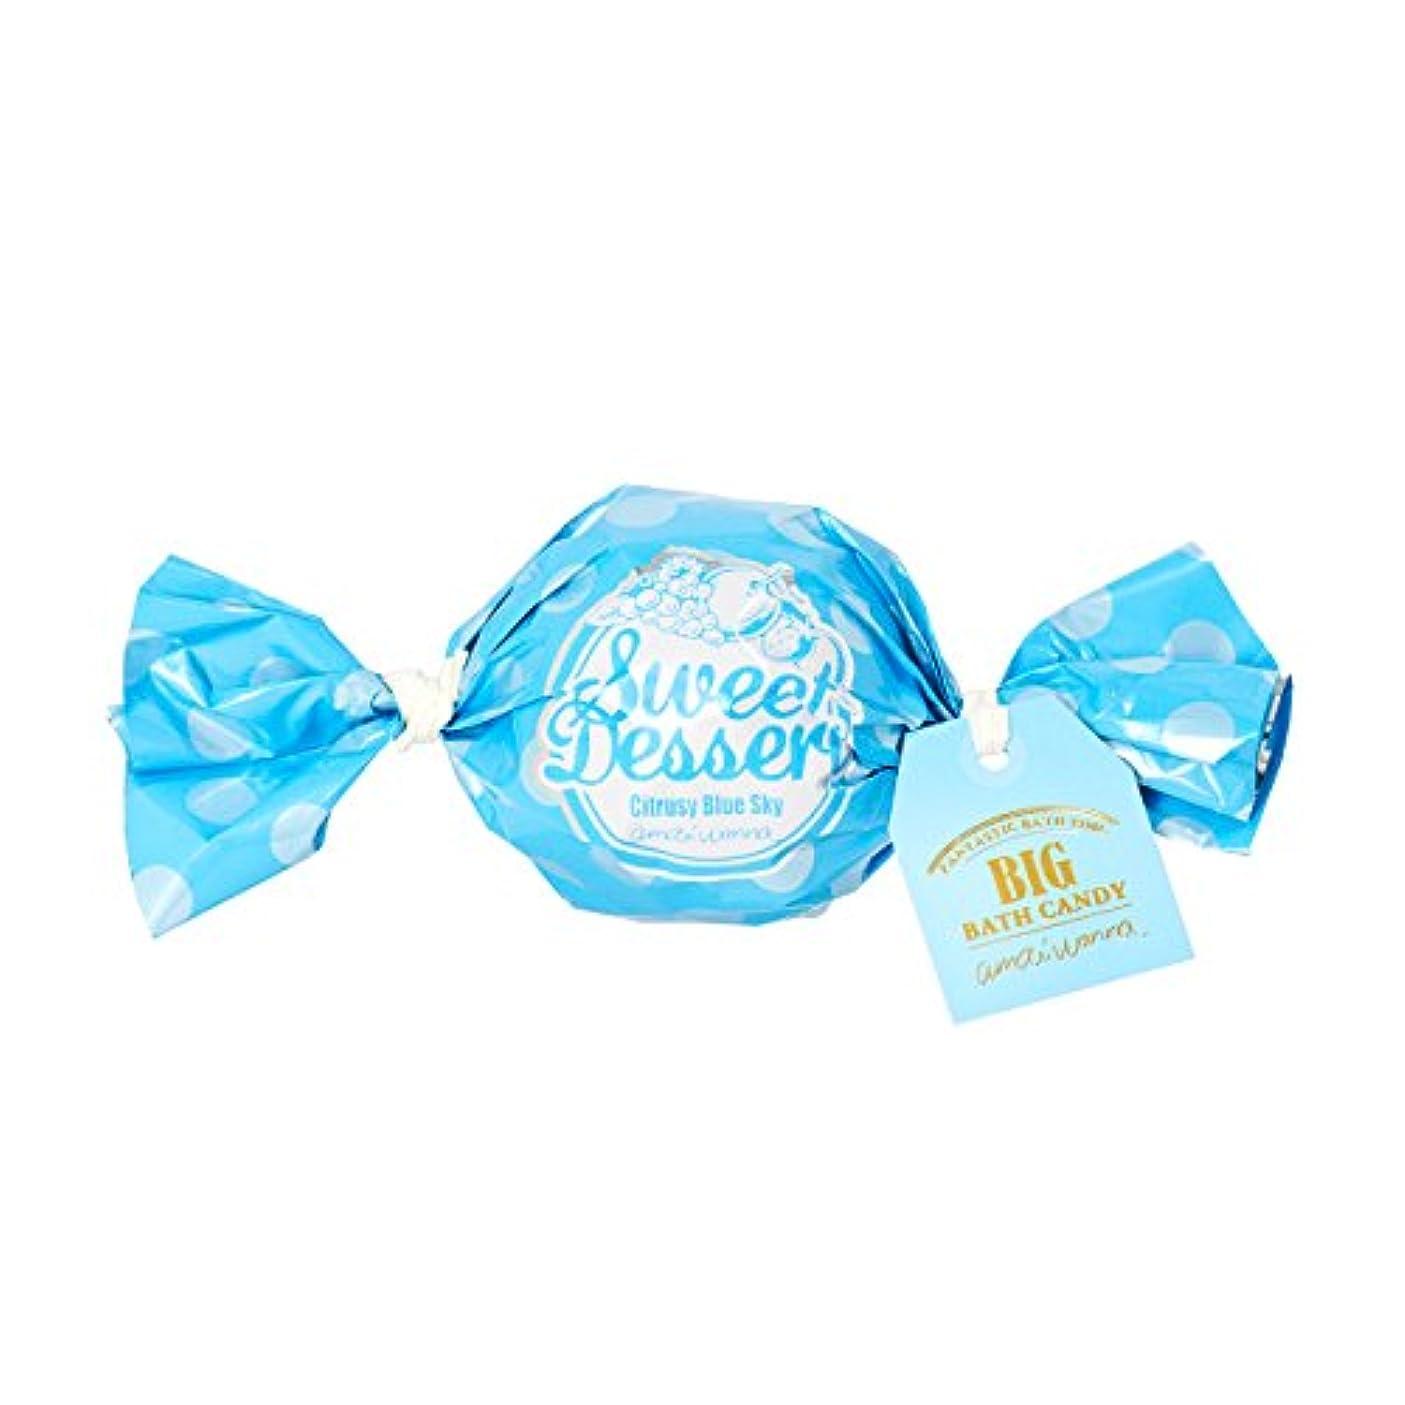 敵対的粘性の重量アマイワナ ビッグバスキャンディー 青空シトラス 100g(発泡タイプ入浴料 おおらかで凛としたシトラスの香り)